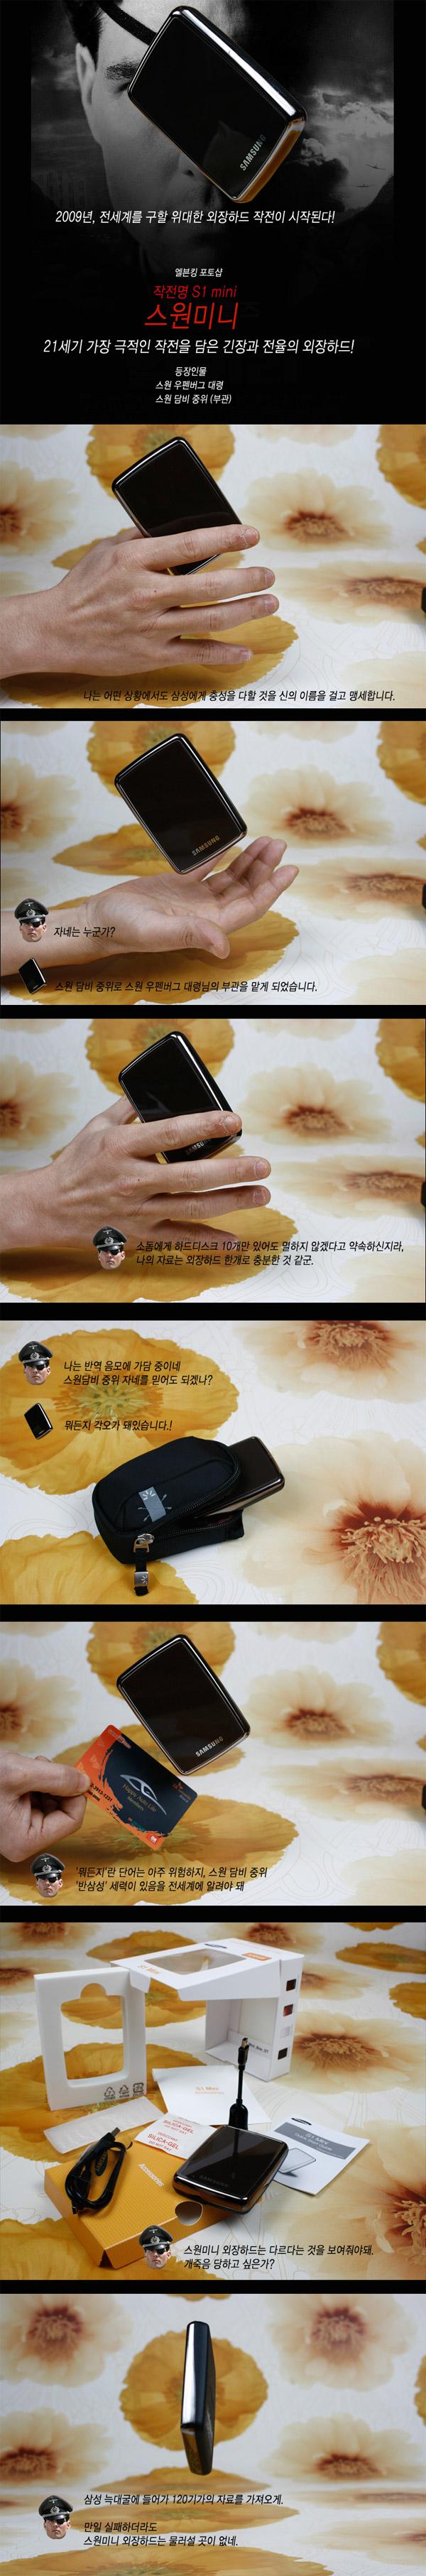 삼성 S1 Mini 외장하드 체험기 (1) 작전명 '스원미니' 21세기 가장 극적인 작전을 담은 긴장과 전율의 외장하드!